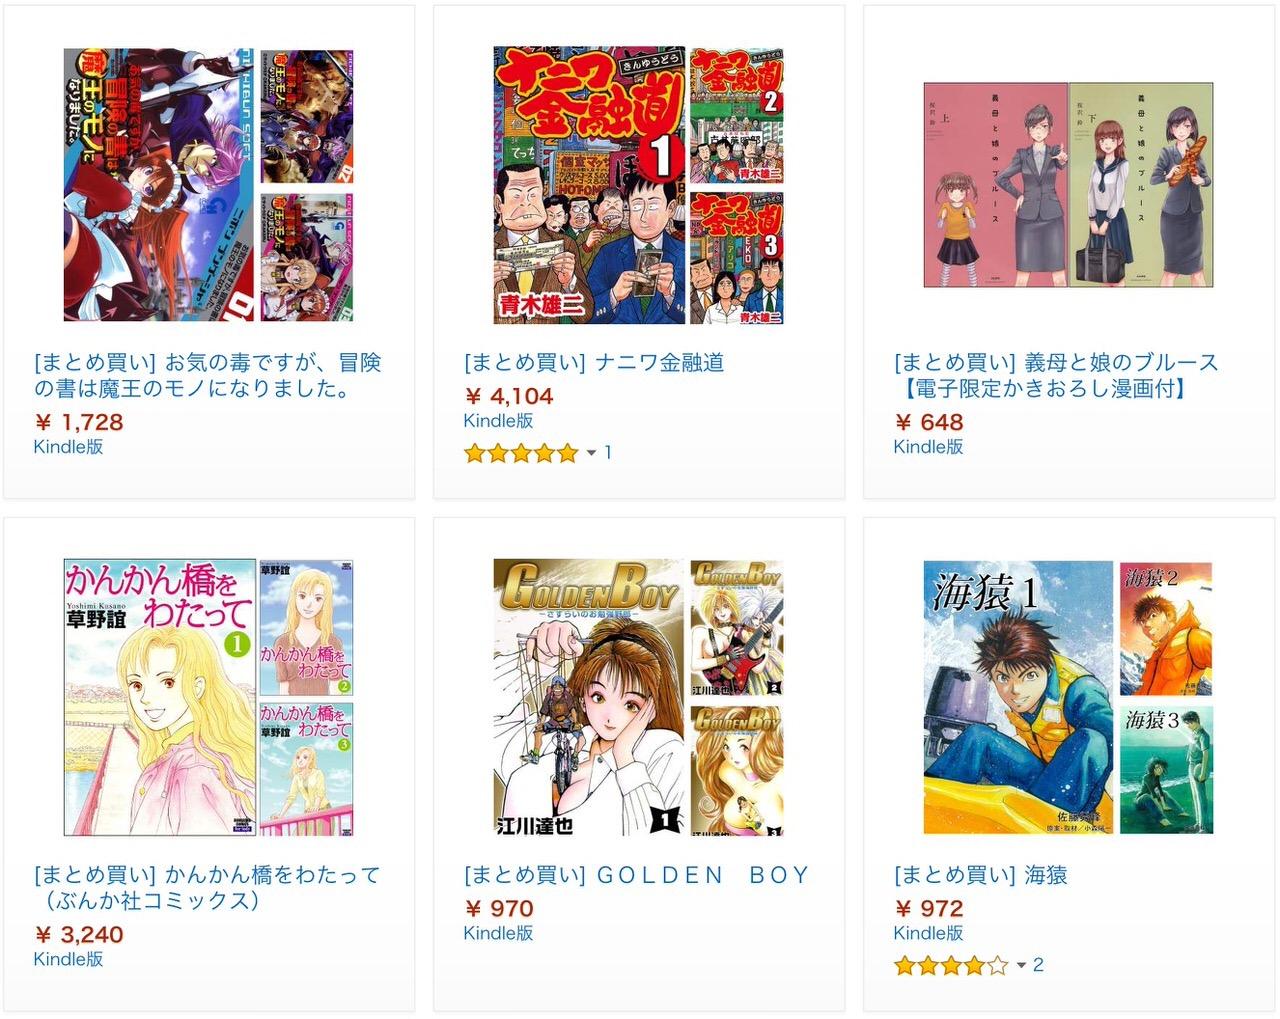 【Kindleセール】50%OFF以上「Kindle6周年記念キャンペーン : まとめ買い」(10/25まで)